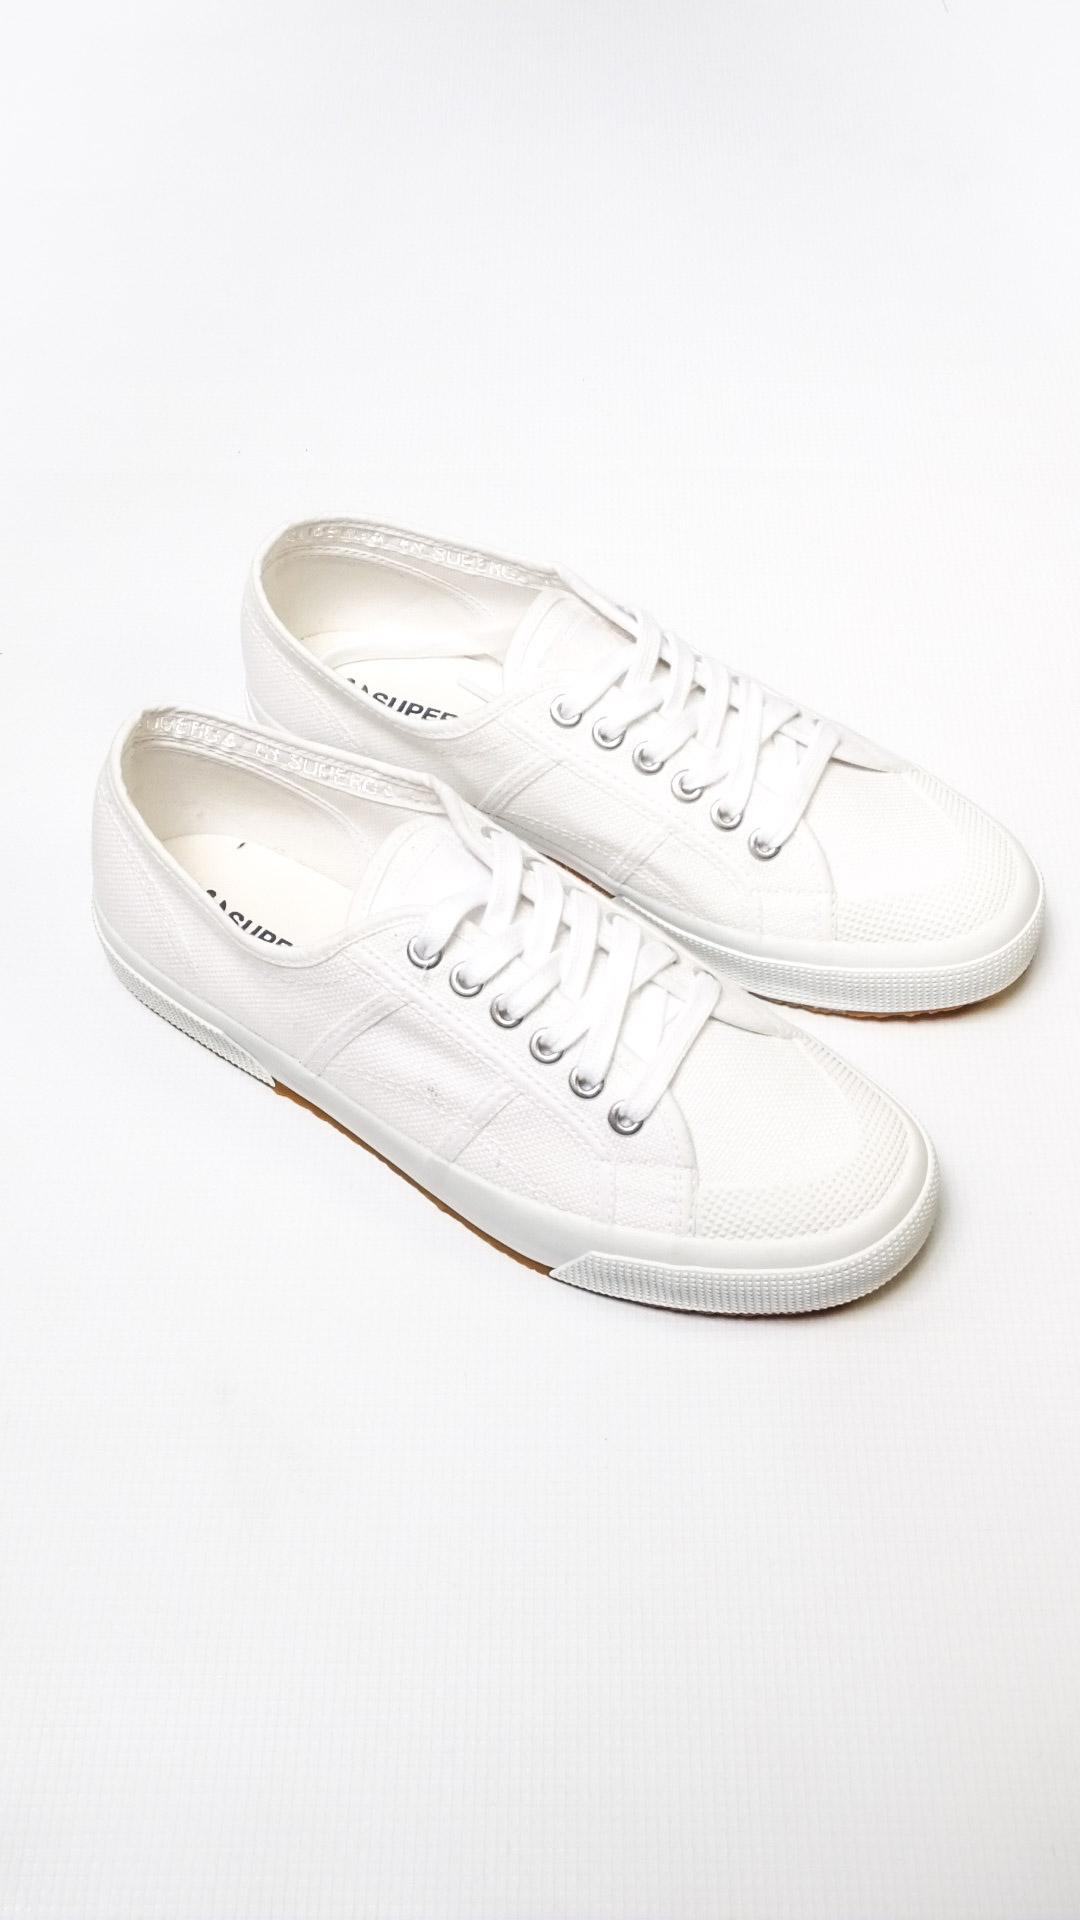 98a76c76e8 Superga 2390 Cotu – Full White